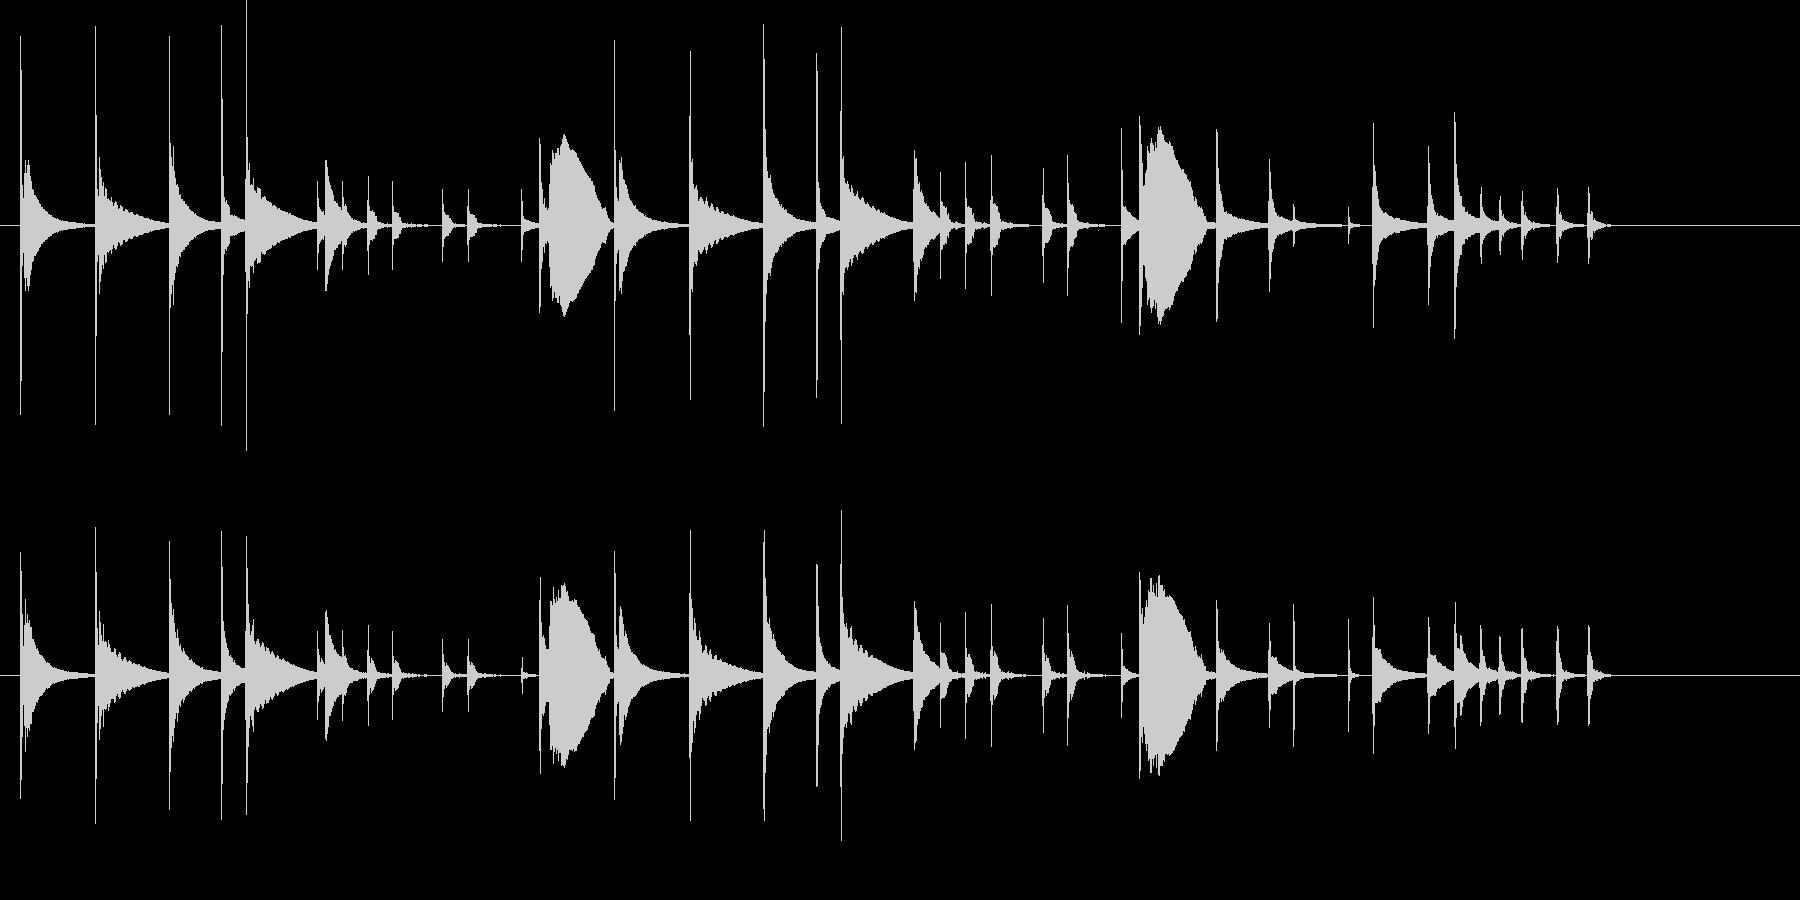 おとぼけ かわいい コミカル ジングルの未再生の波形